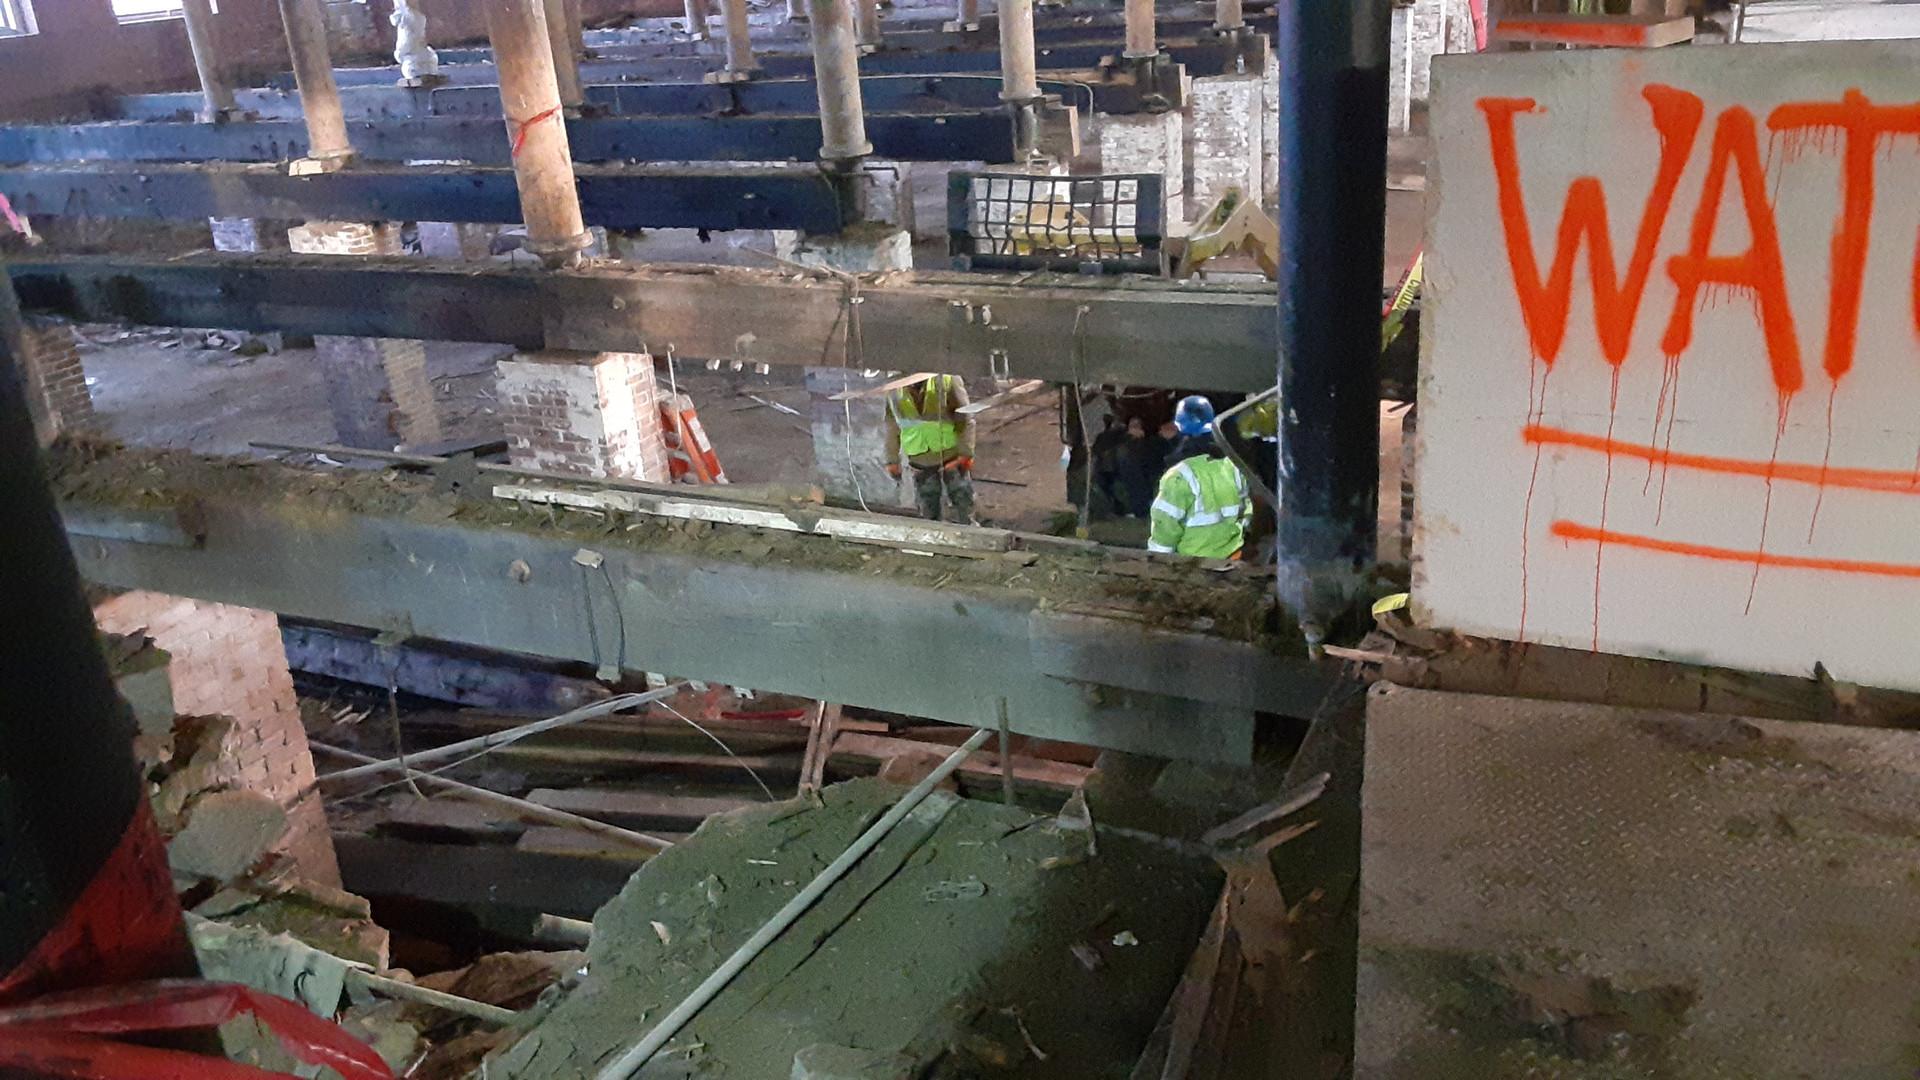 Continued Floor Demolition